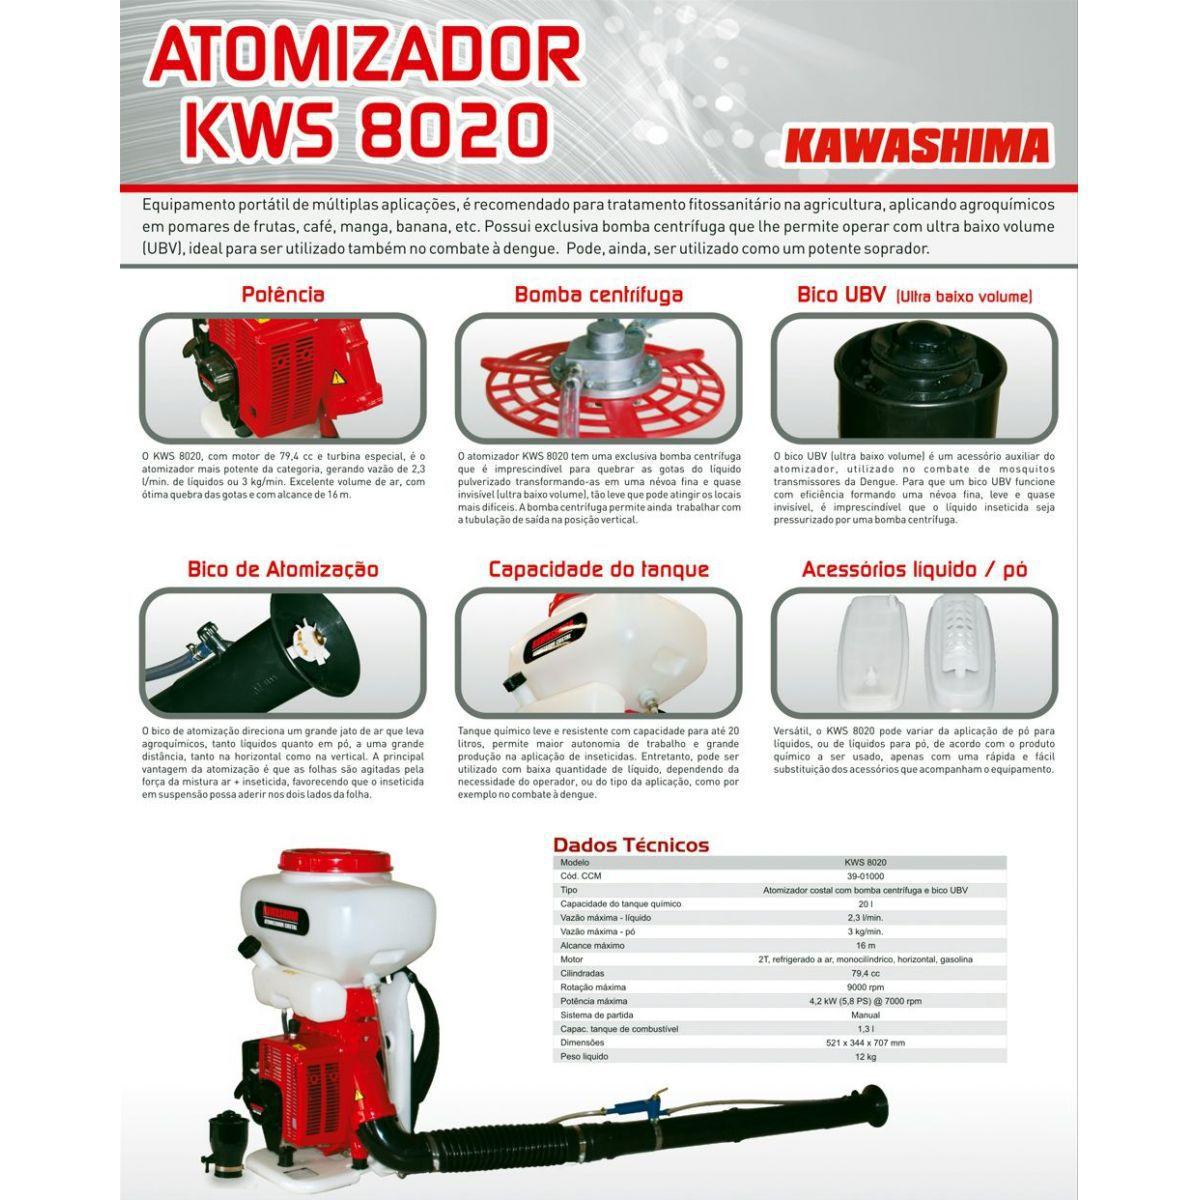 Atomizador Costal 79,4cc C/ Bomba Centrífuga - KWS8020 Kawashima